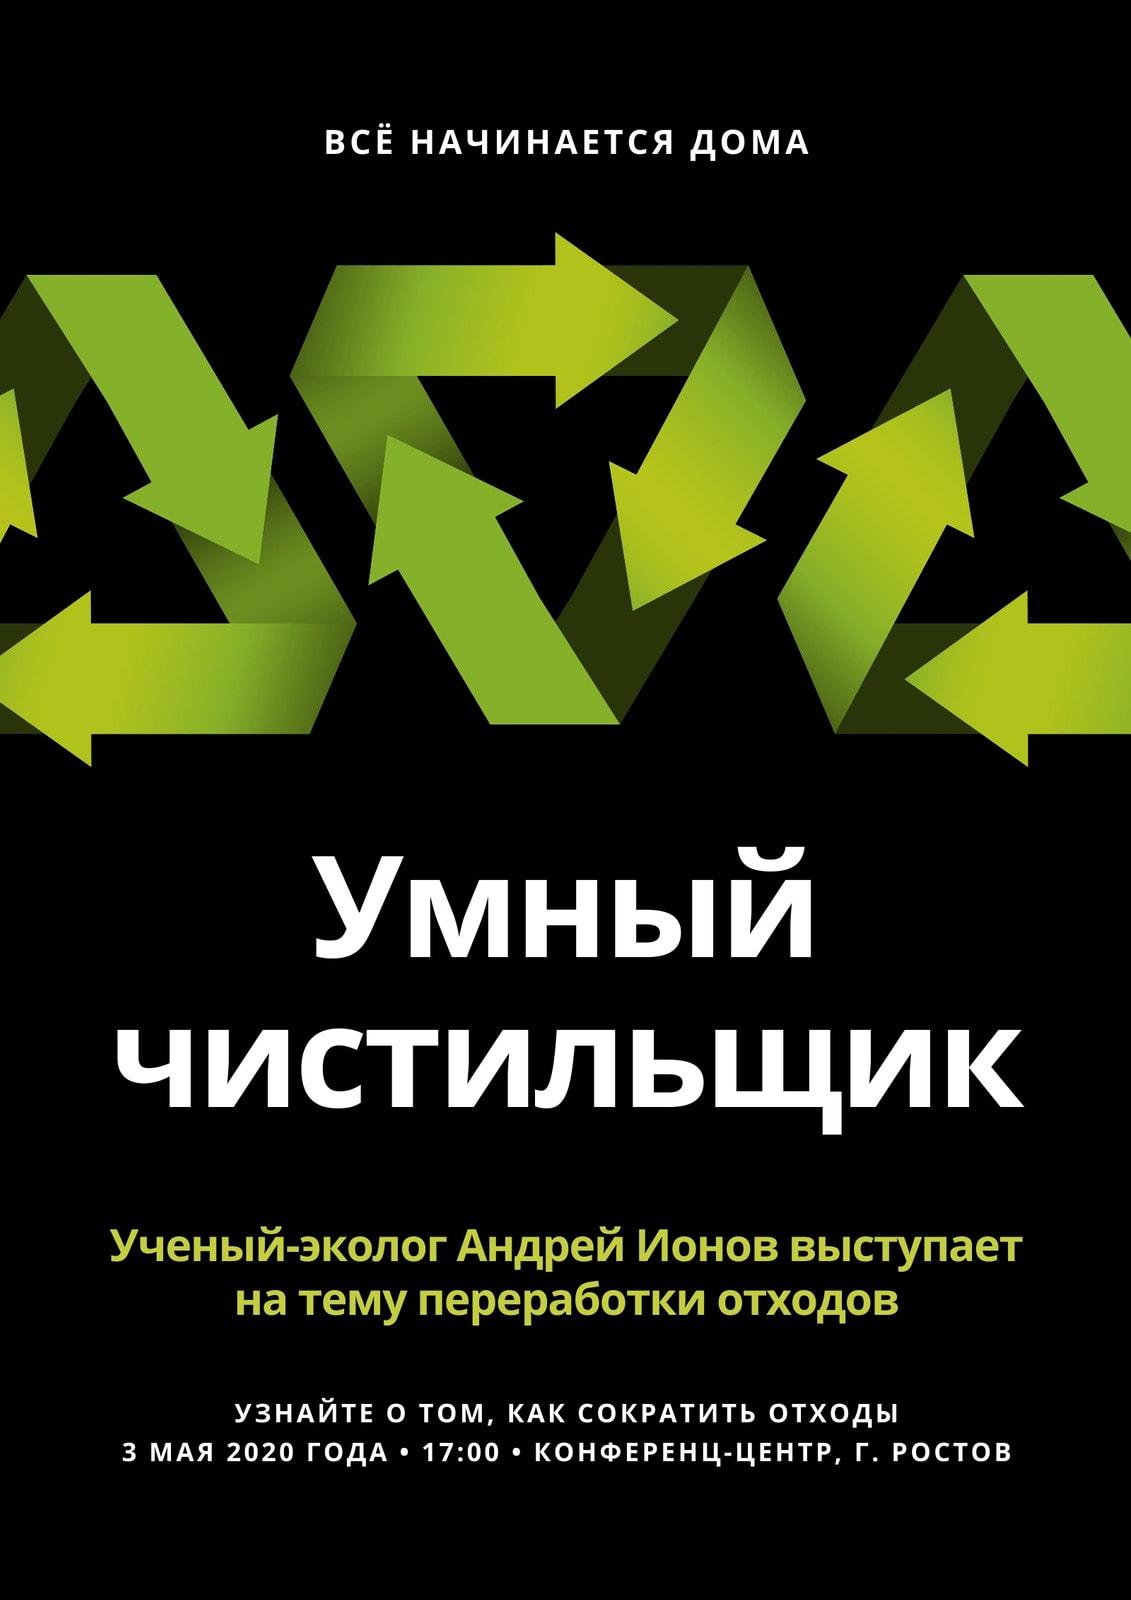 Черно-зеленый Переработка Экологичная Земля Стрелки Плакат